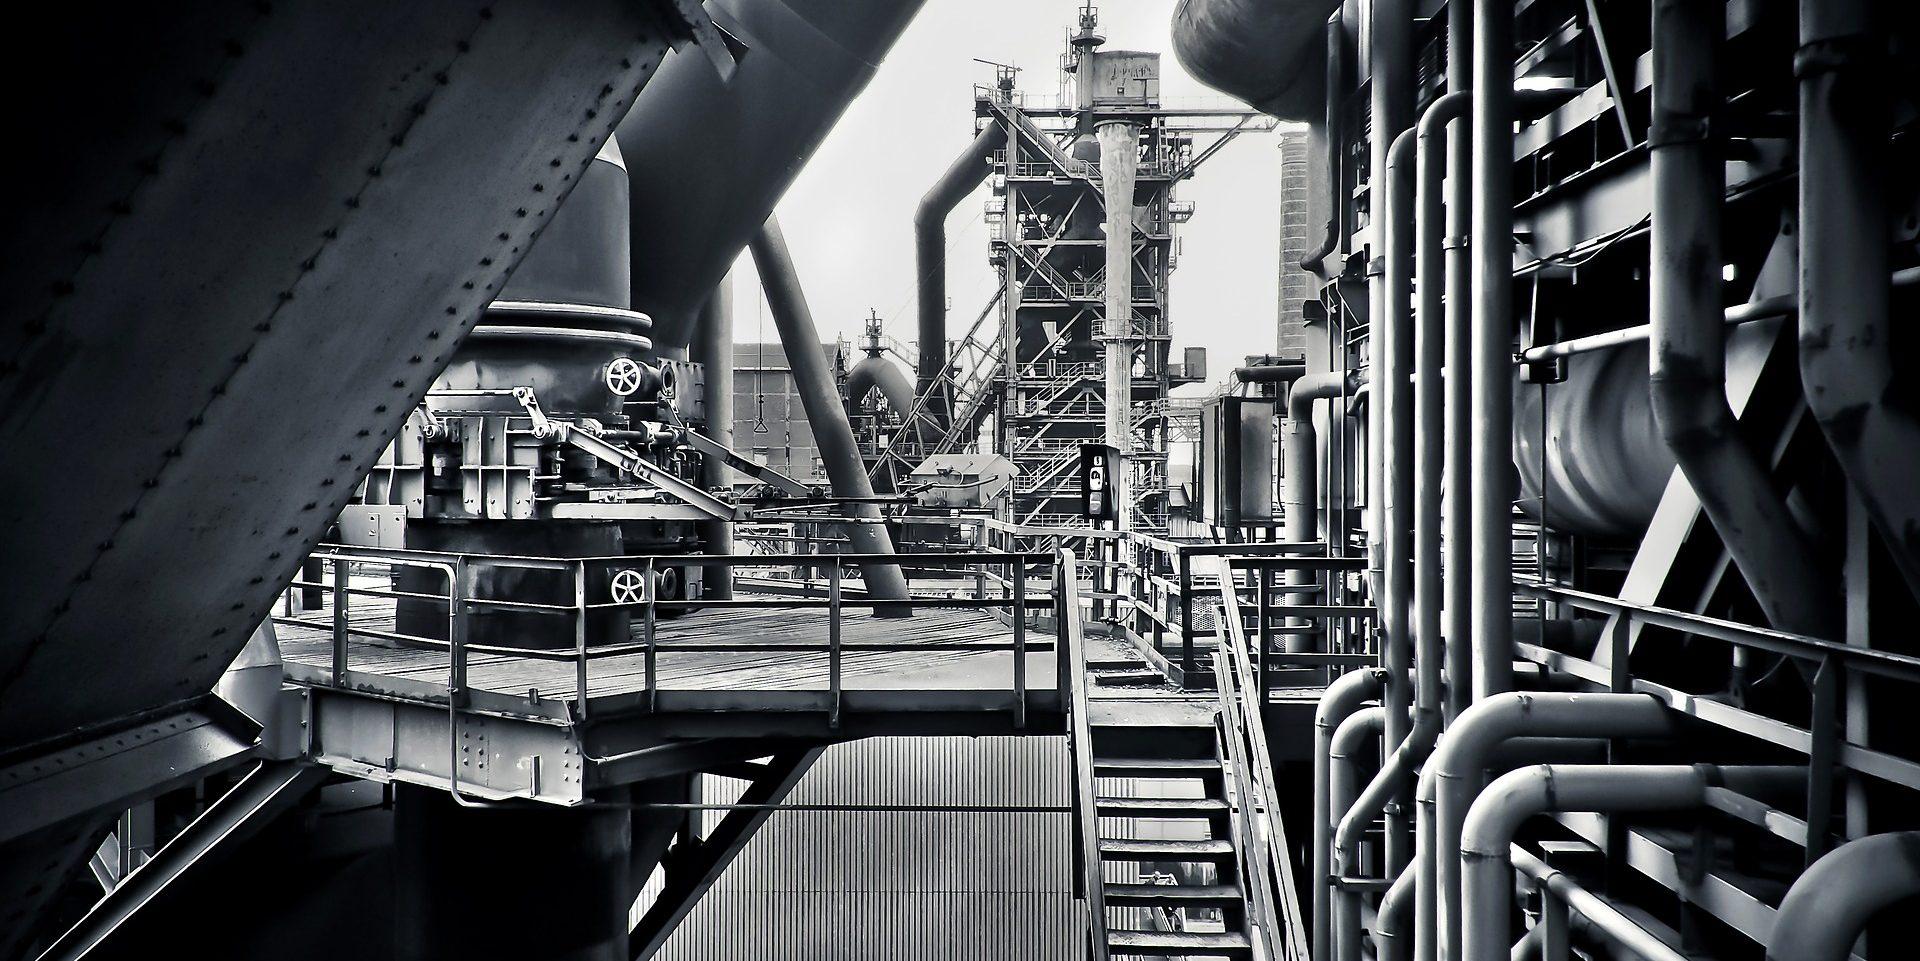 «Билайн» подключил к сети основное месторождение газопровода «Сила Сибири»